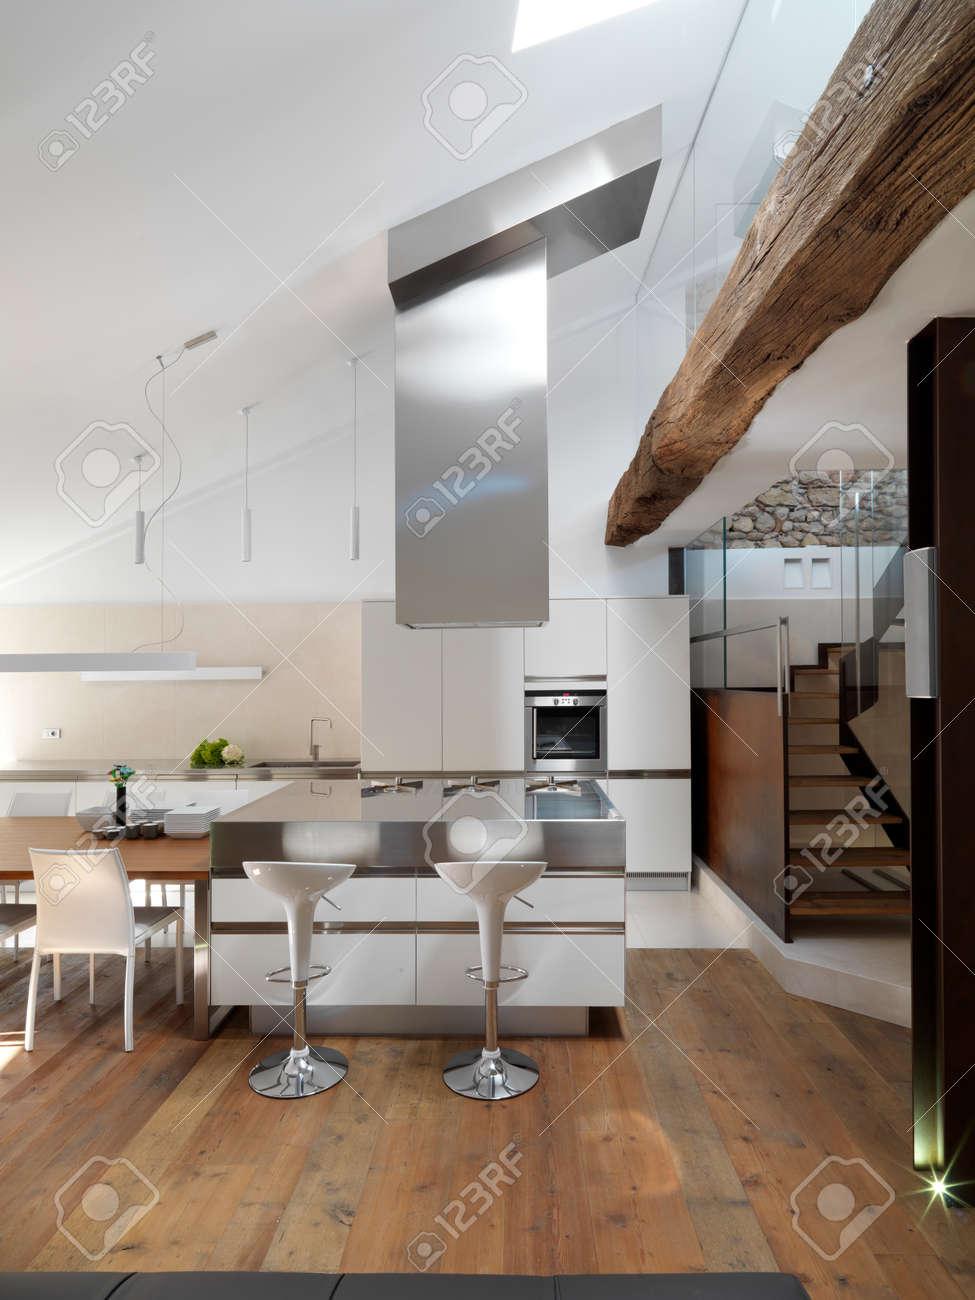 Aussicht der insel moderne küche mit holzboden in der nähe in der ...